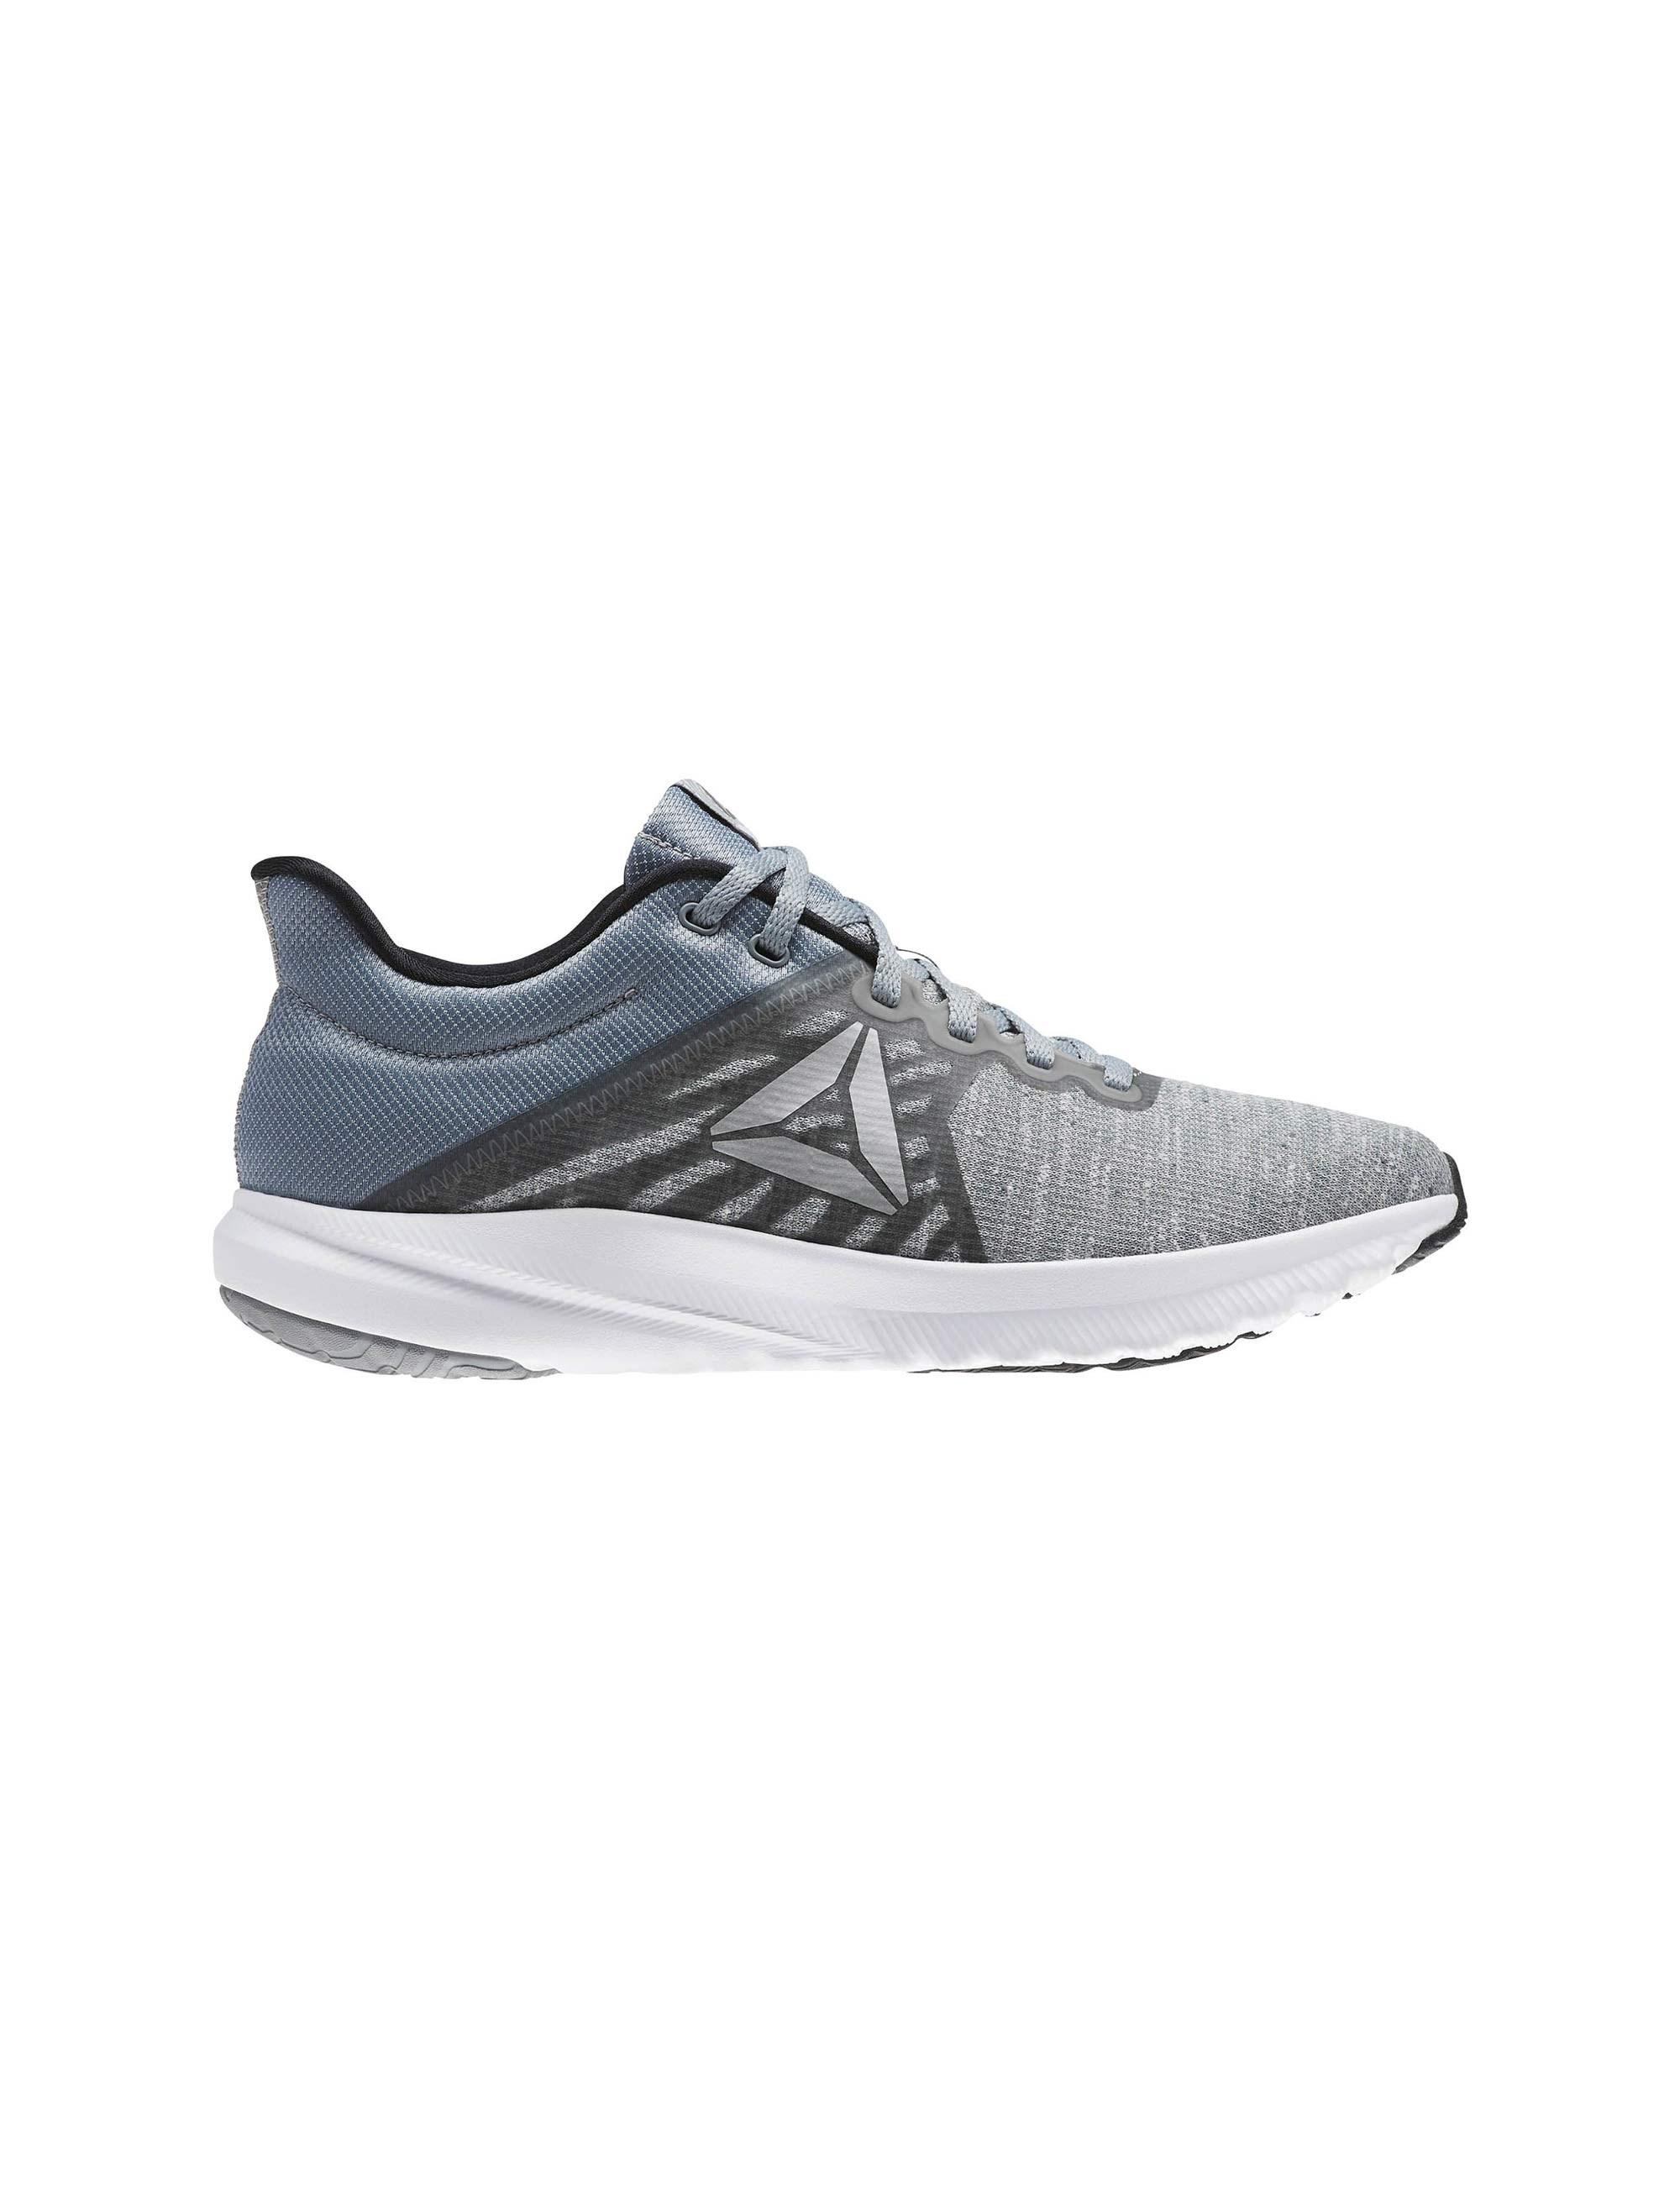 قیمت کفش دویدن بندی مردانه OSR Distance 3-0 - ریباک